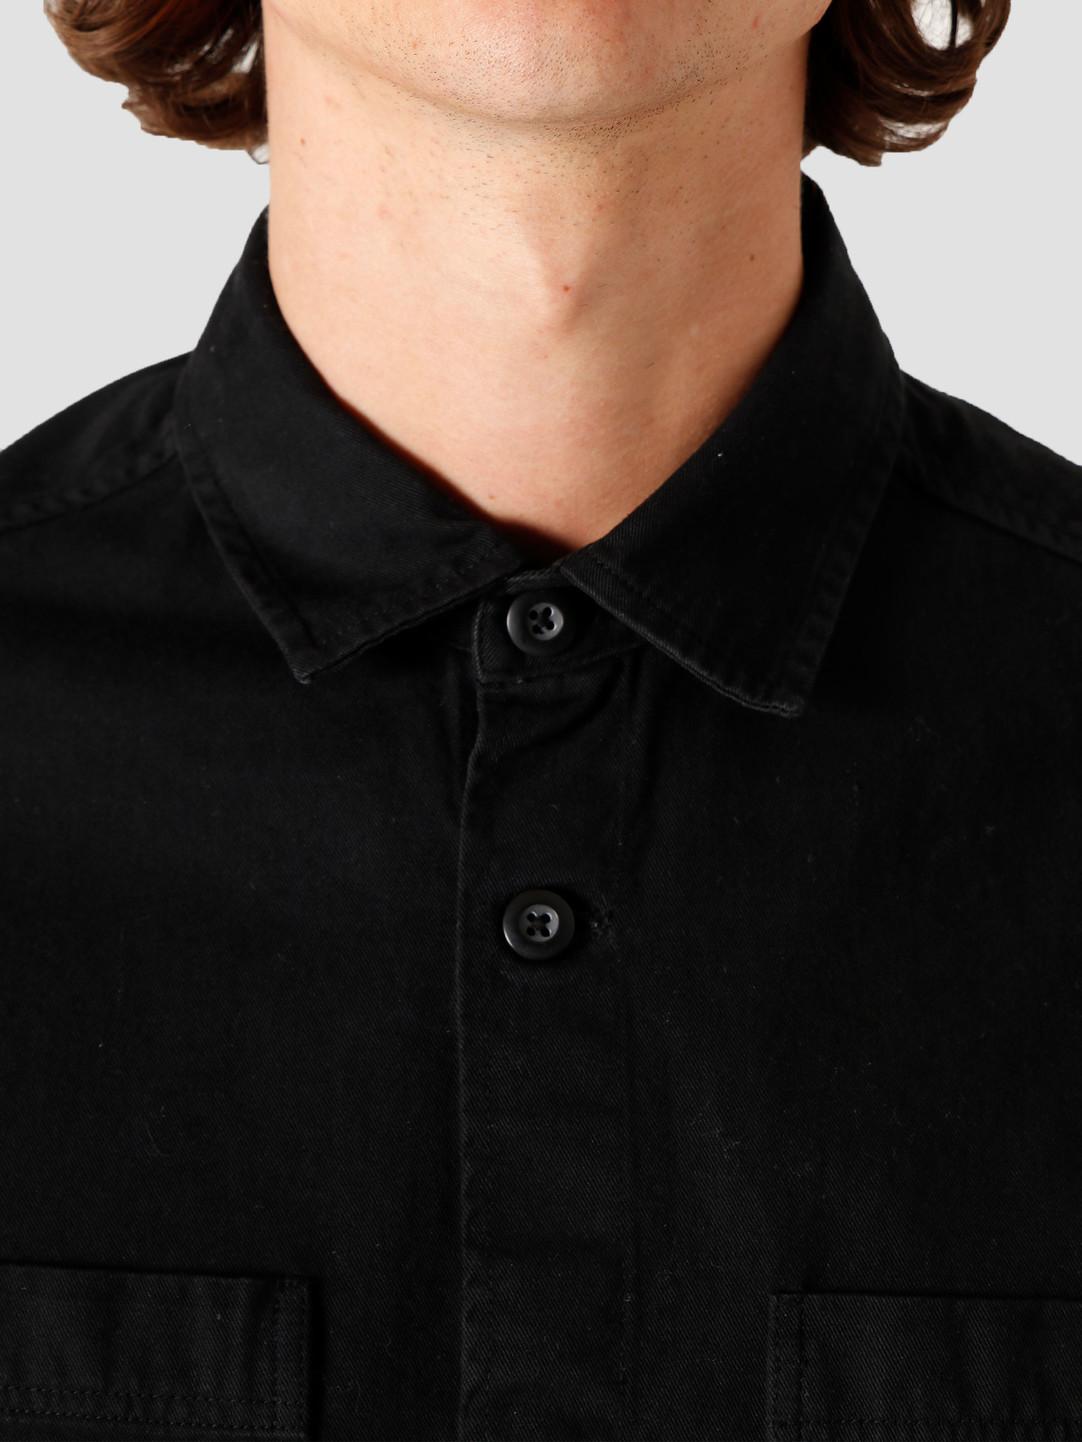 Quality Blanks Quality Blanks QB42 Overshirt Black